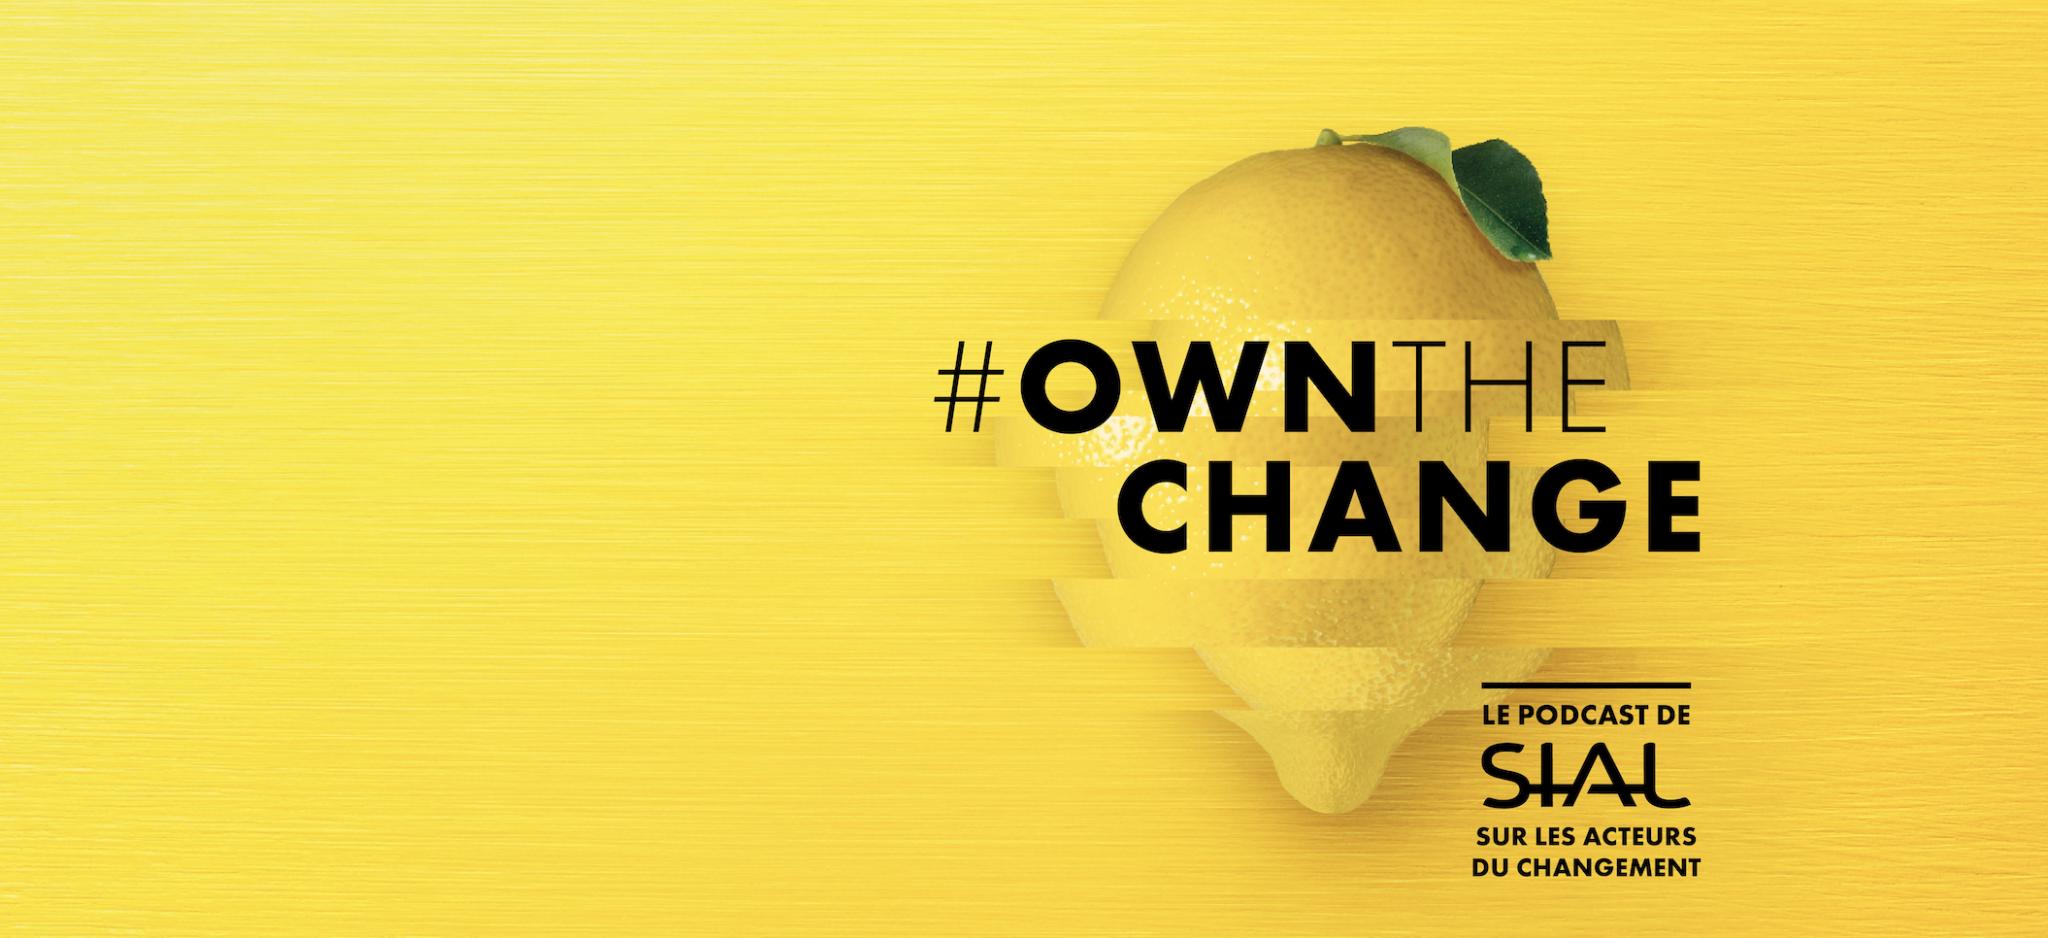 sial-lance-own-the-change-le-podcast-sur-les-acteurs-du-changement